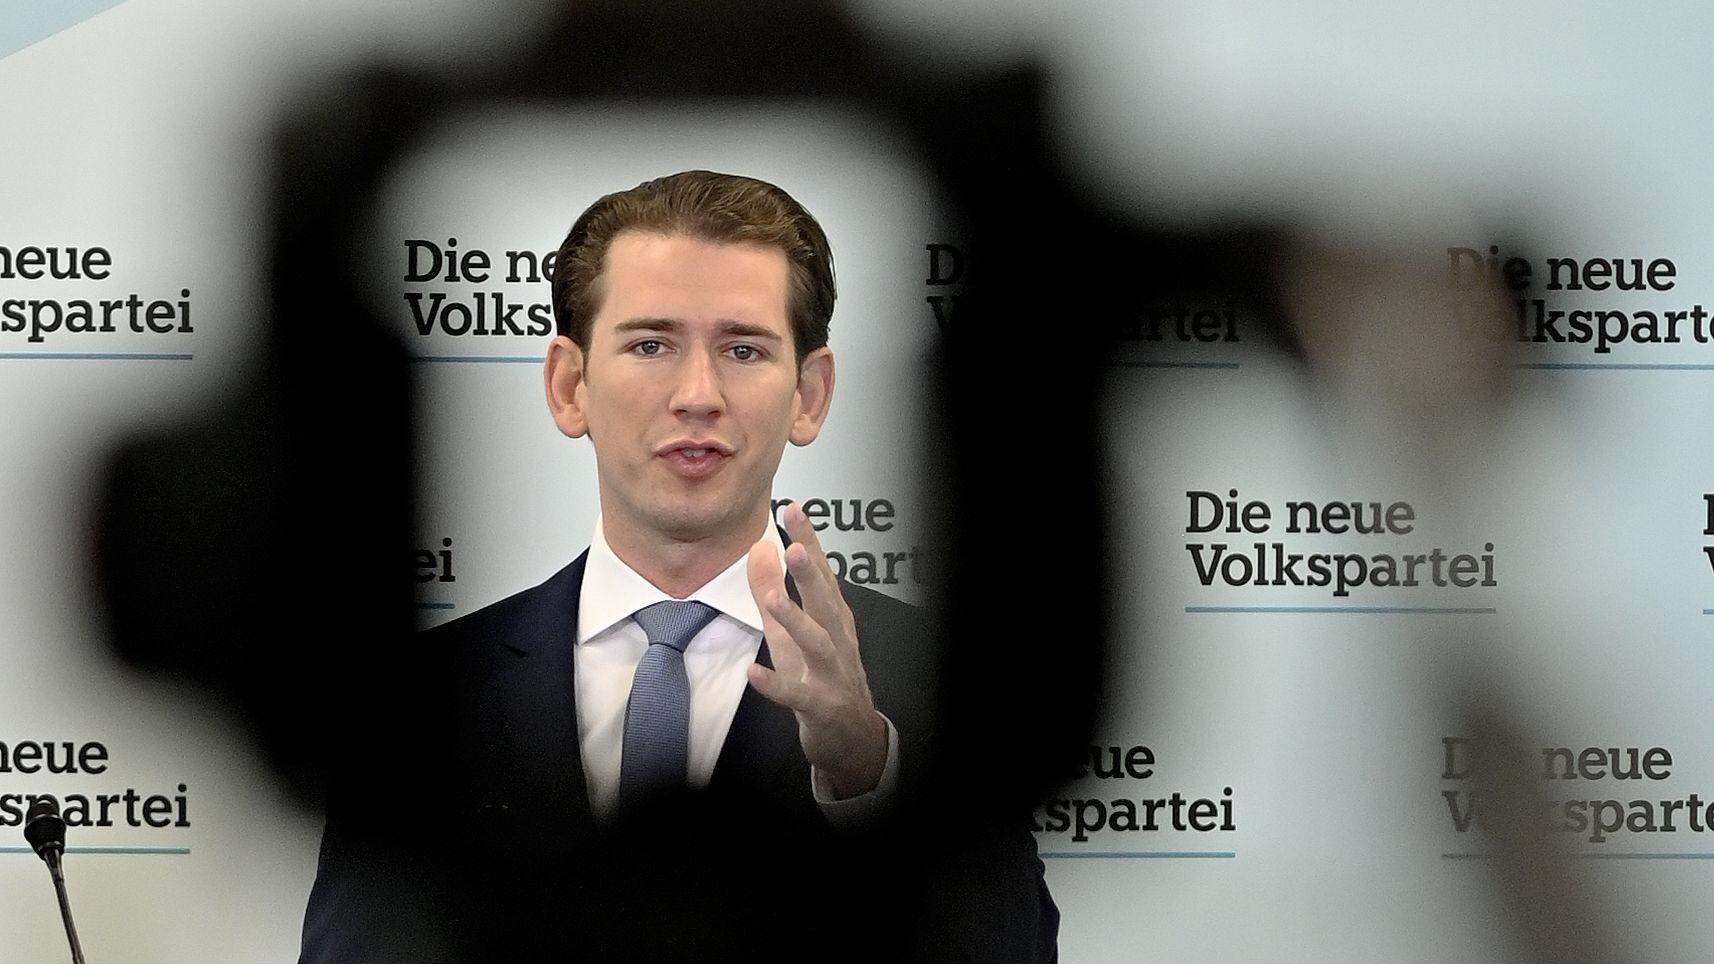 """ÖSTERREICH: ÖVP-Chef Sebastian Kurz am Montag, 16. September 2019, im Rahmen der Pressekonferenz """"100 Projekte für Österreich"""